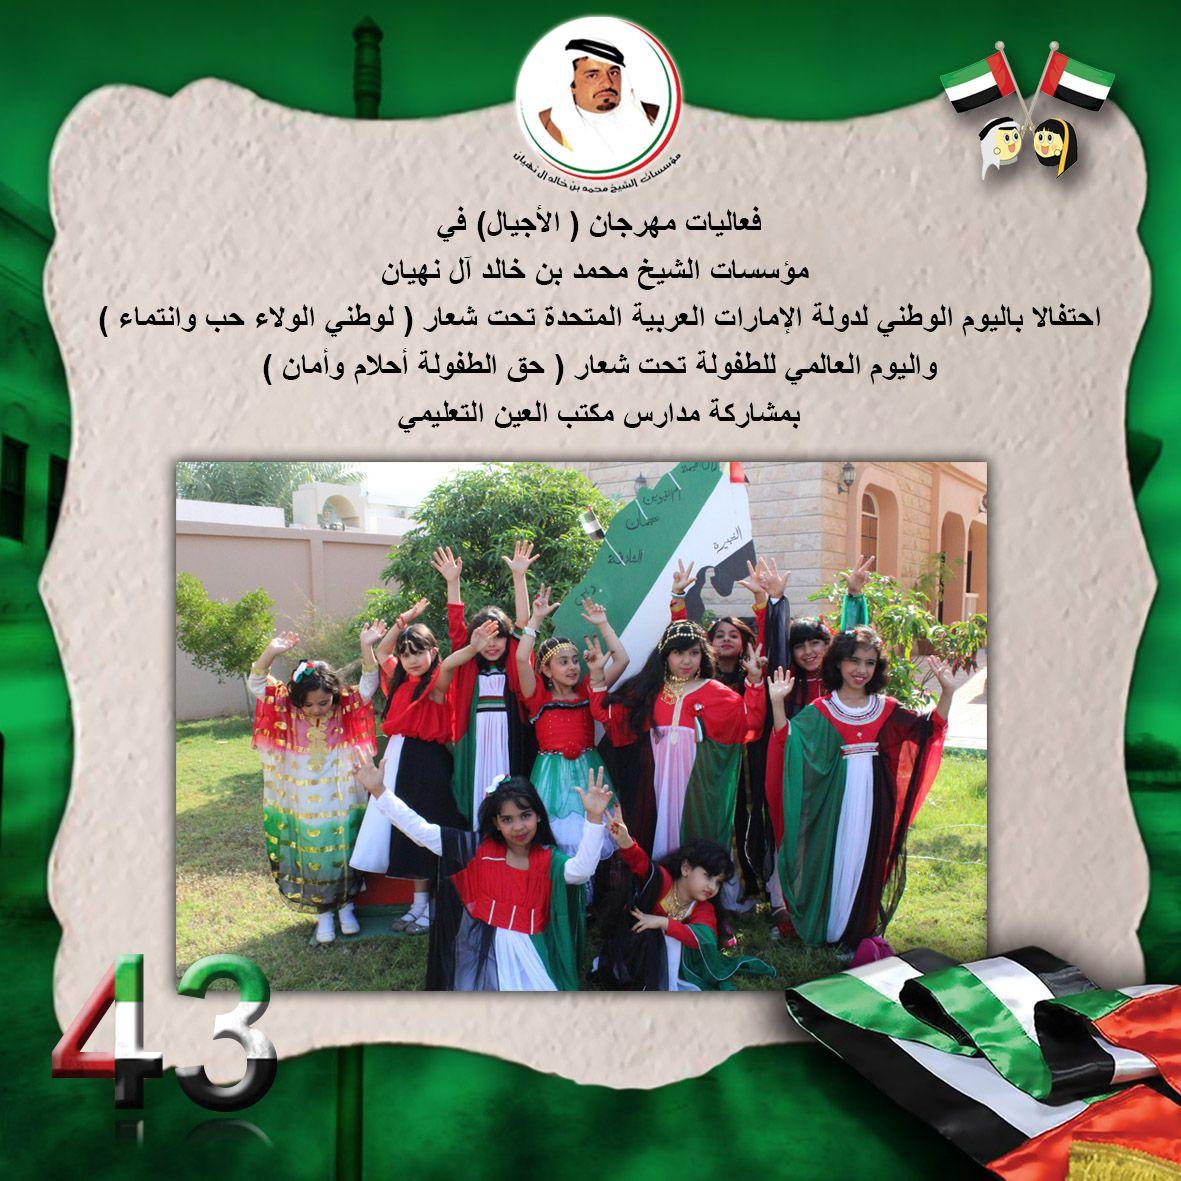 فعاليات مهرجان الأجيال بمؤسسات الشيخ محمد بن خالد آل نهيان للأحتفال بالعيد الوطني 43 Cards Baseball Cards Frame